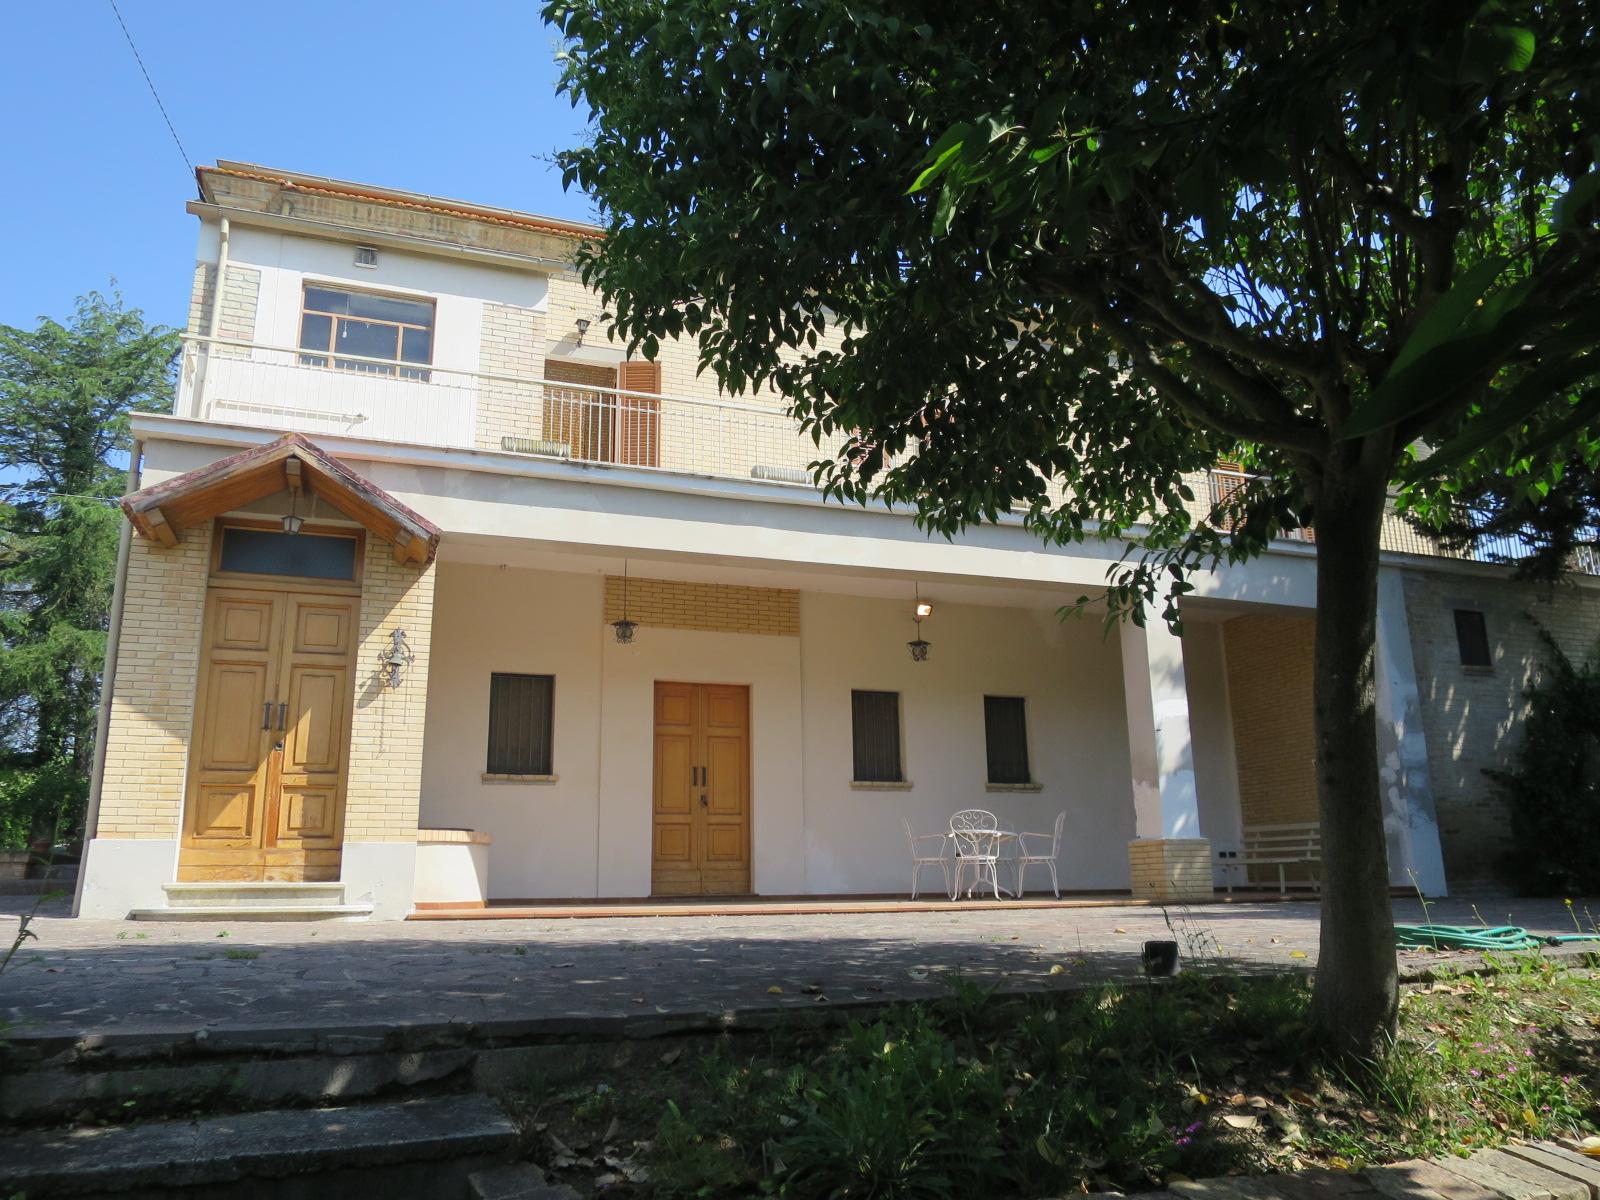 Villa Villa for sale Roseto degli Abruzzi (TE), Villa del Marinaio - Roseto degli Abruzzi - EUR 385.559 420